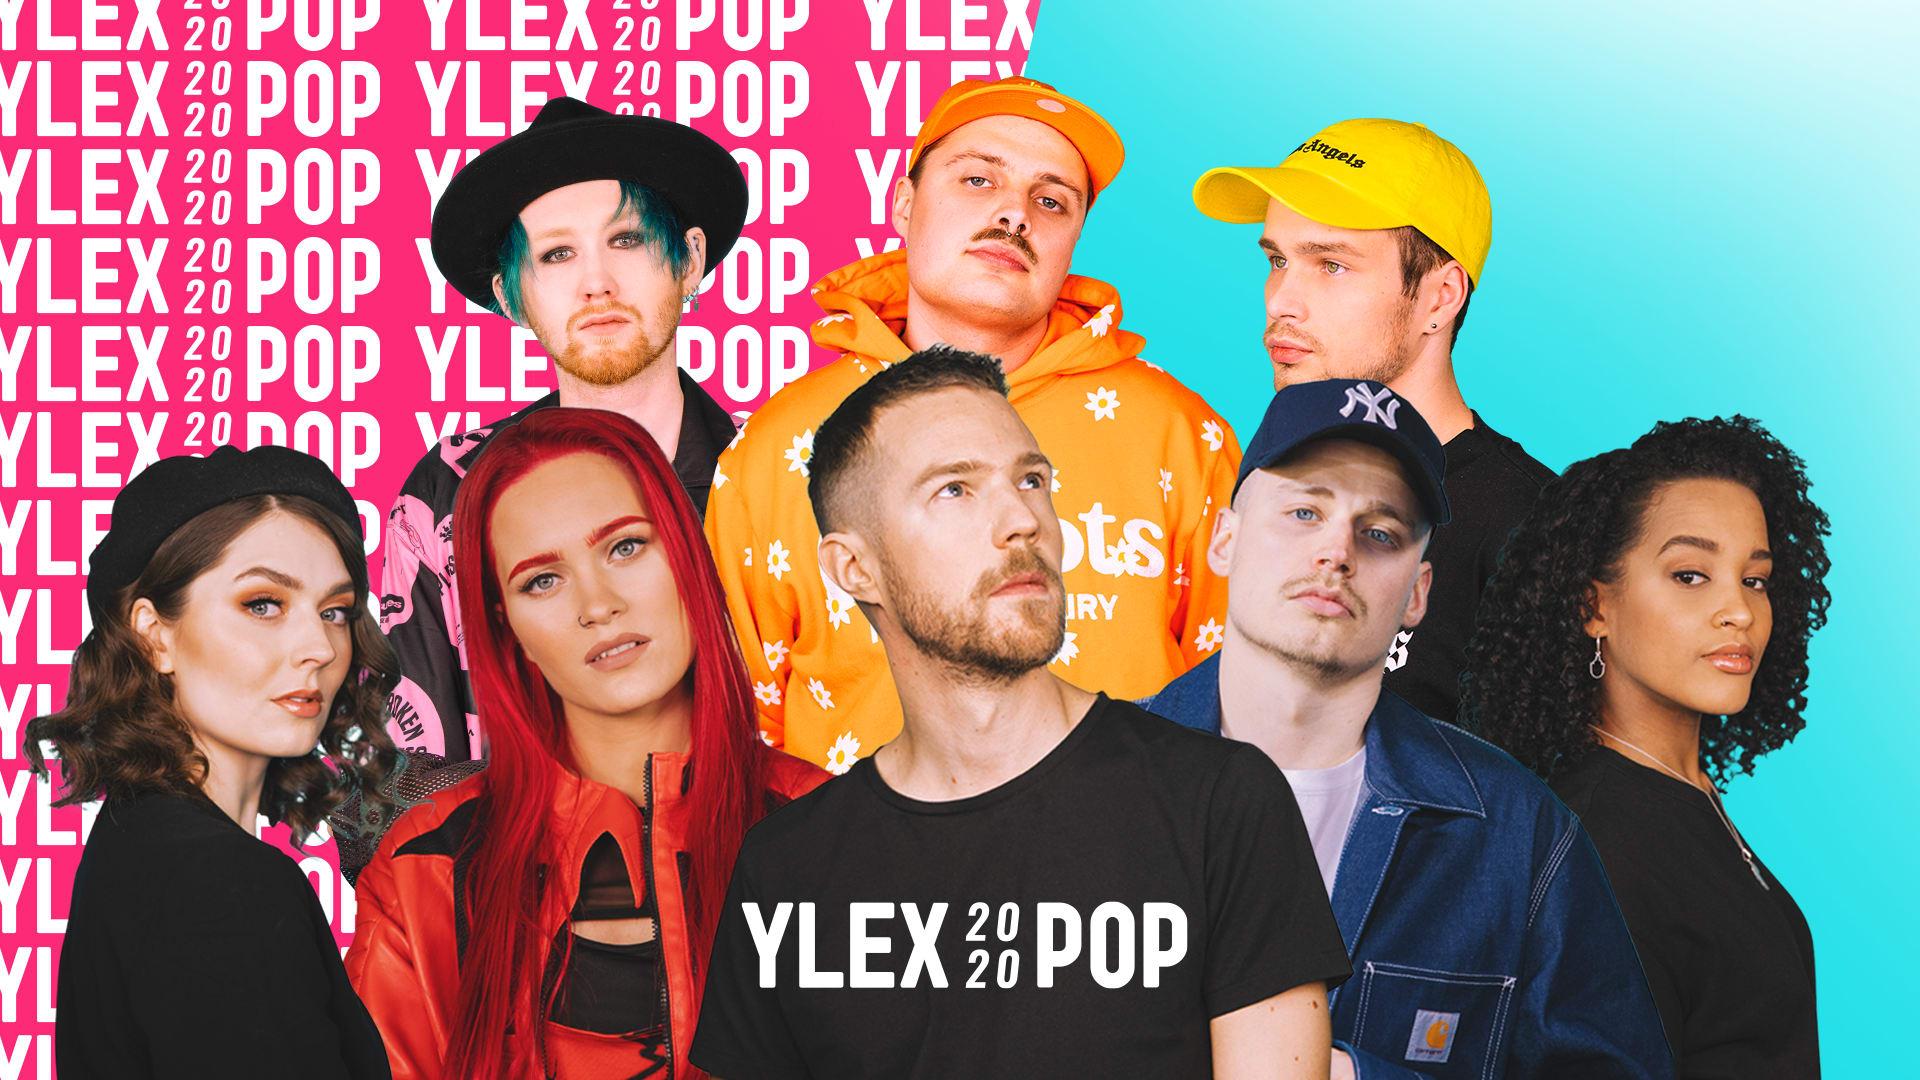 Yle X Pop